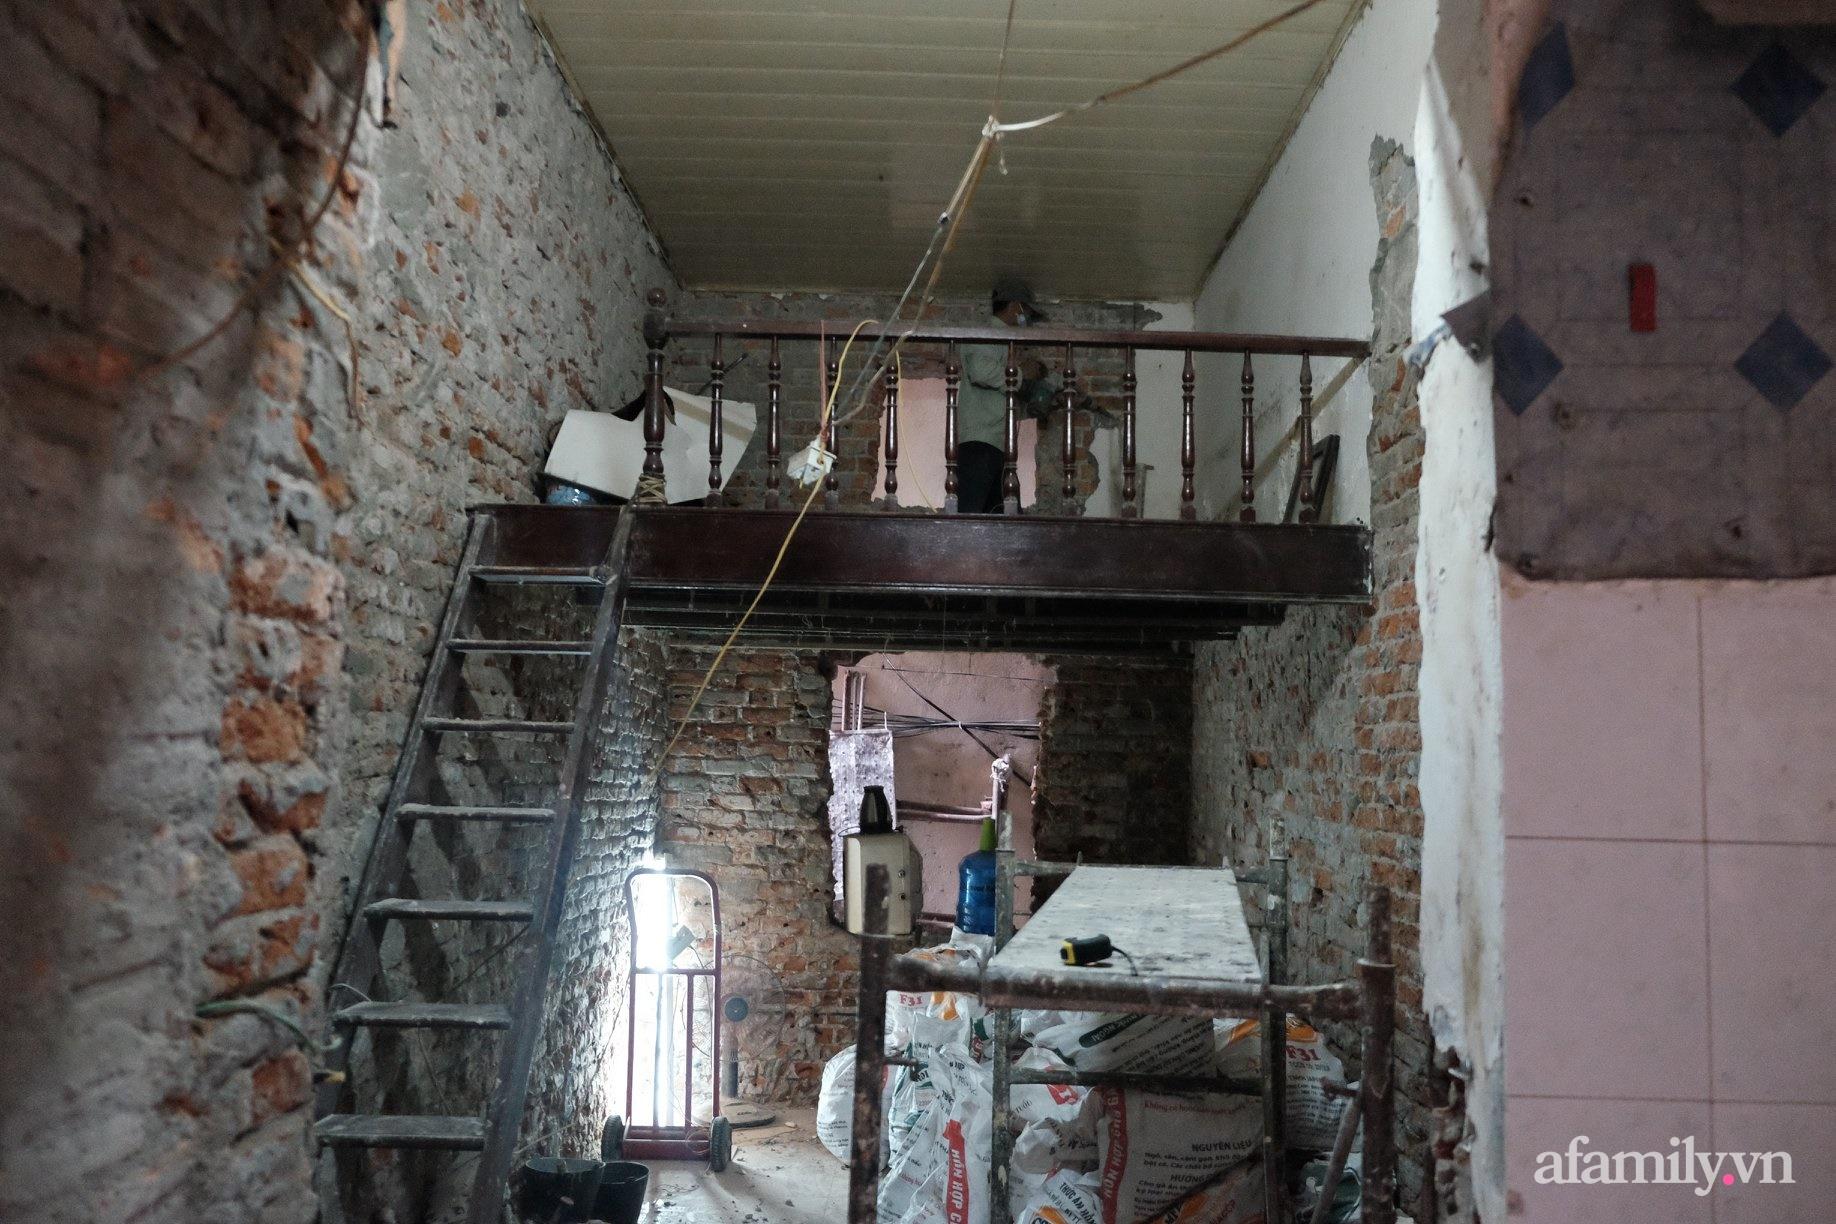 Chàng trai trẻ bỏ 200 triệu để cải tạo căn nhà 16m² trong phố cổ Hà Nội theo phong cách Scandinavian - Ảnh 2.